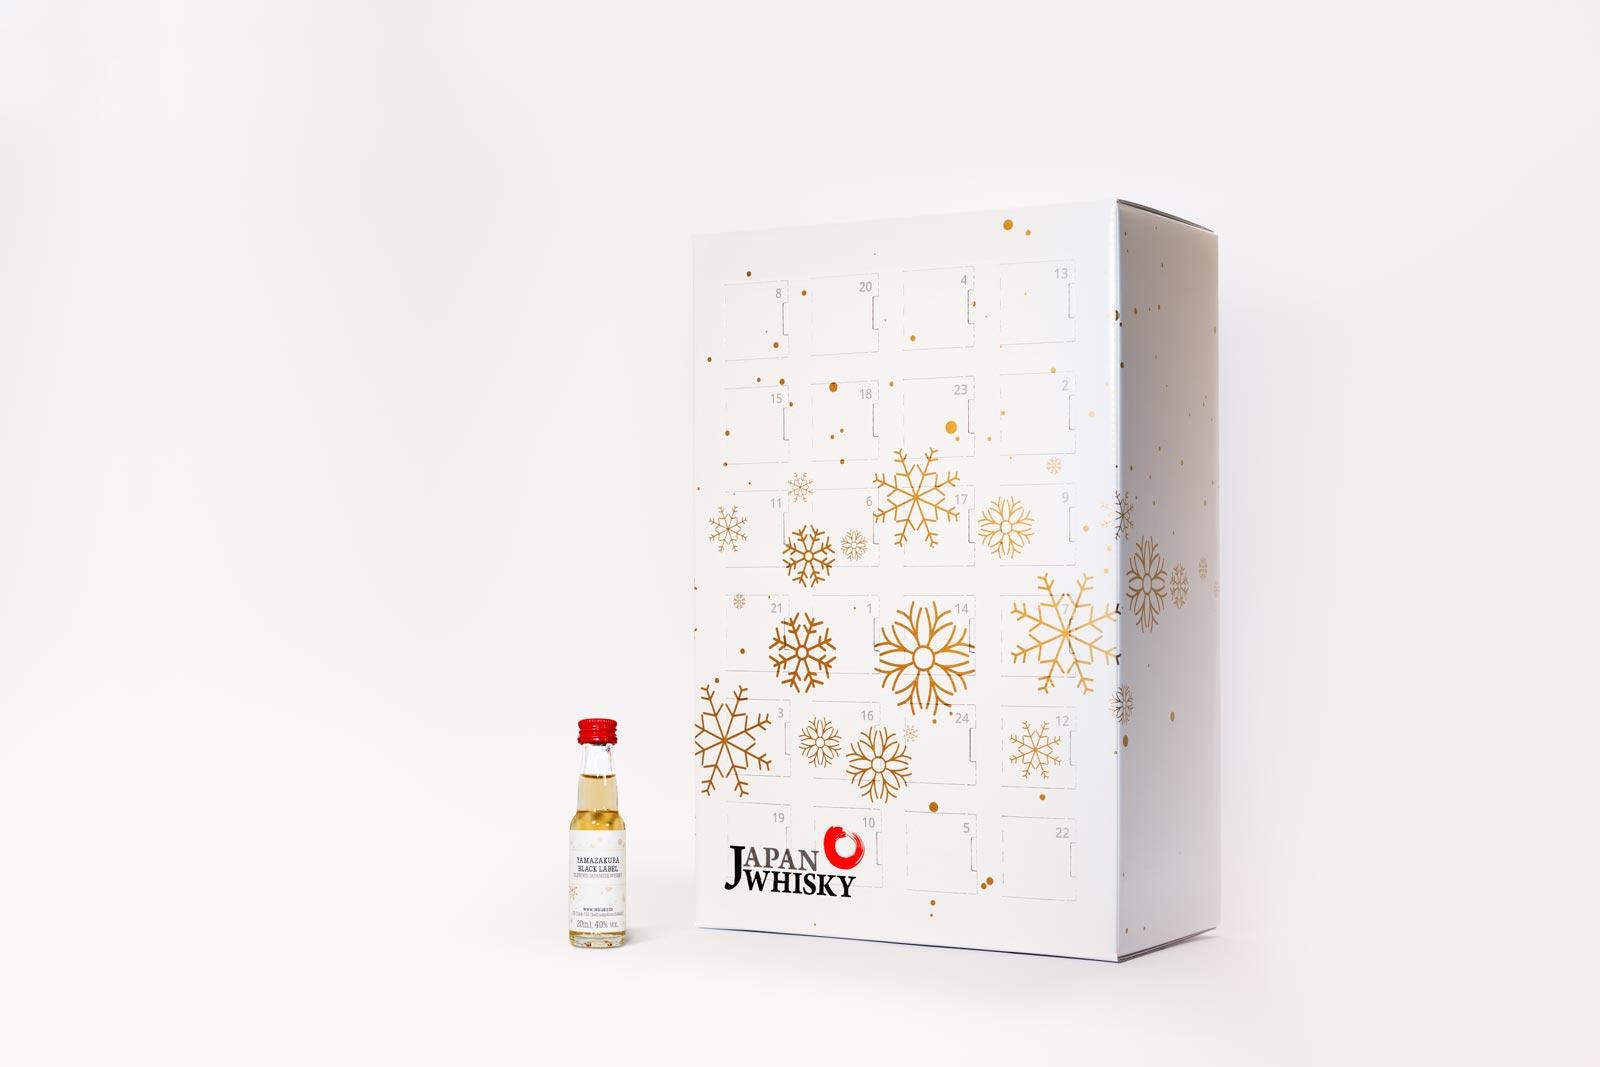 Gesa Siebert Kommunikationsdesign JWhisky Weihnachtskalender 2017 Sonderfarbe Pantone Gold